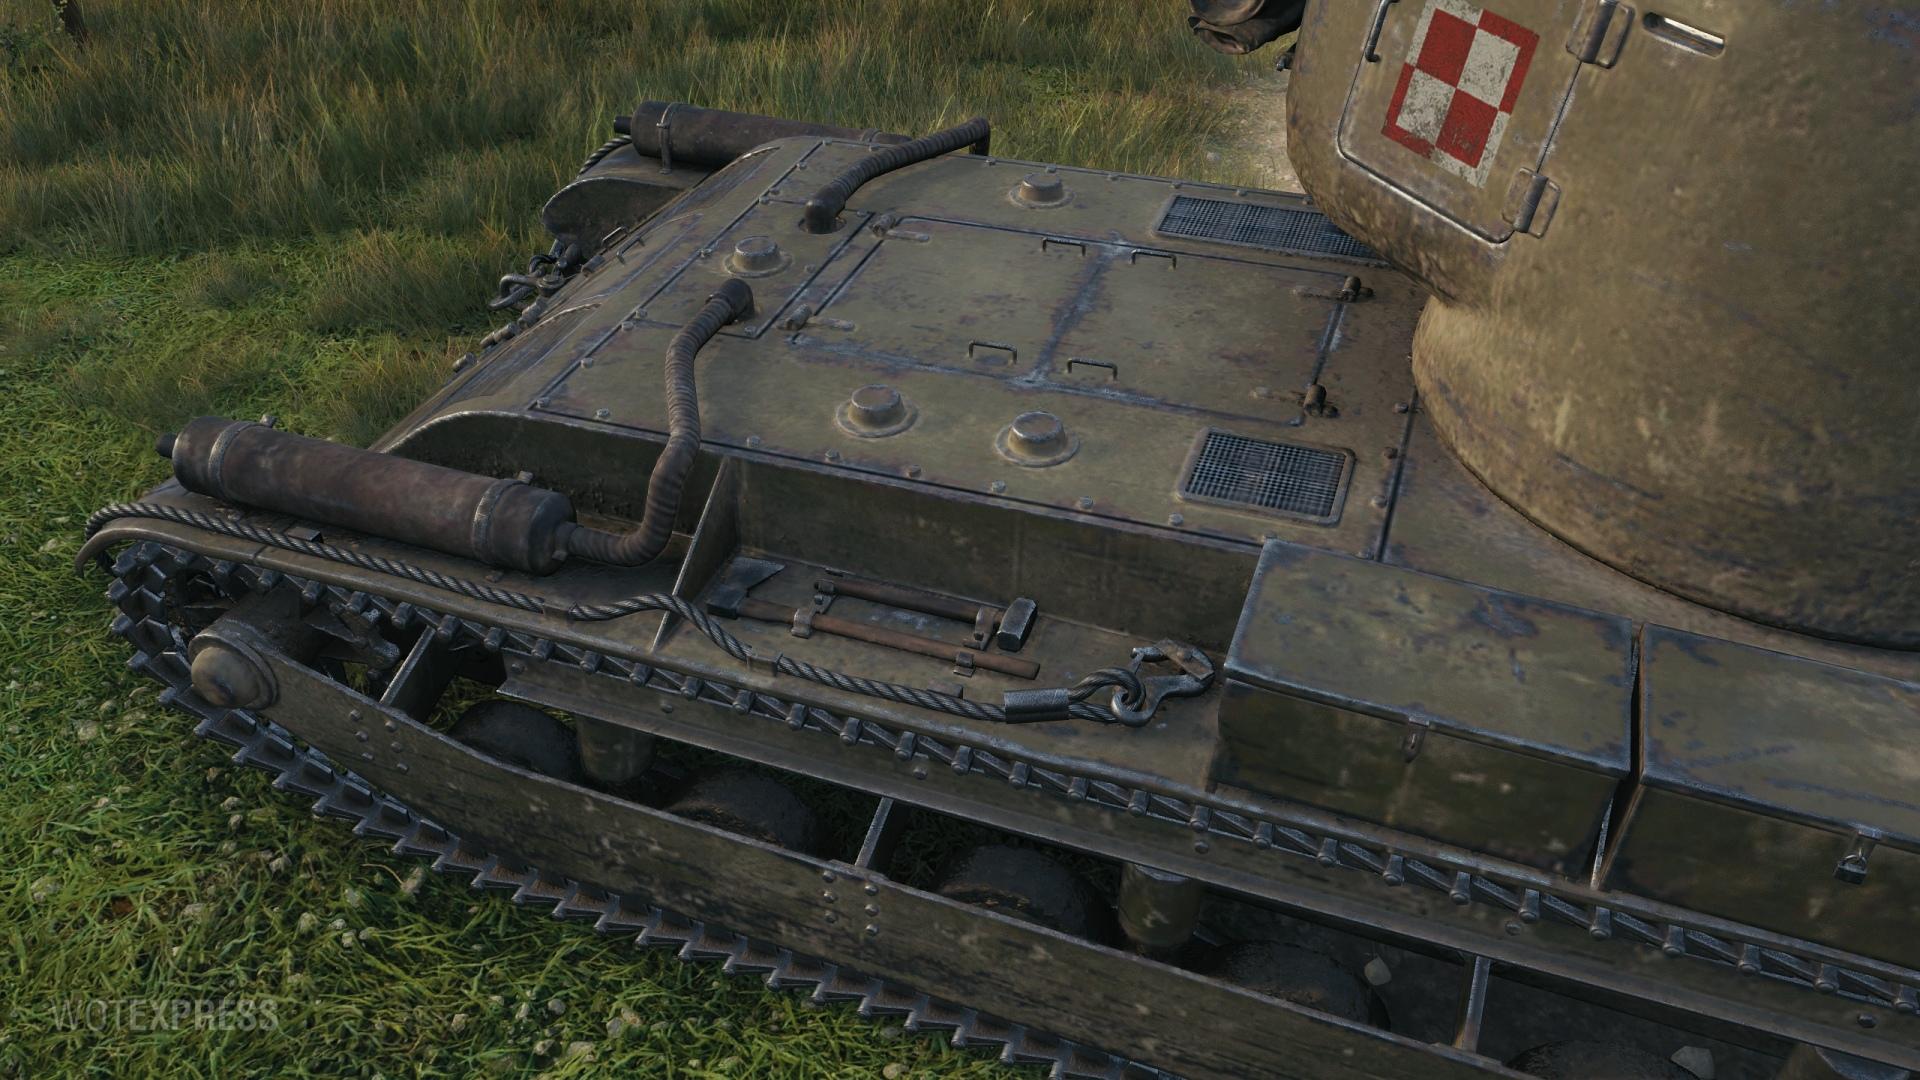 XM9DyurfrdA